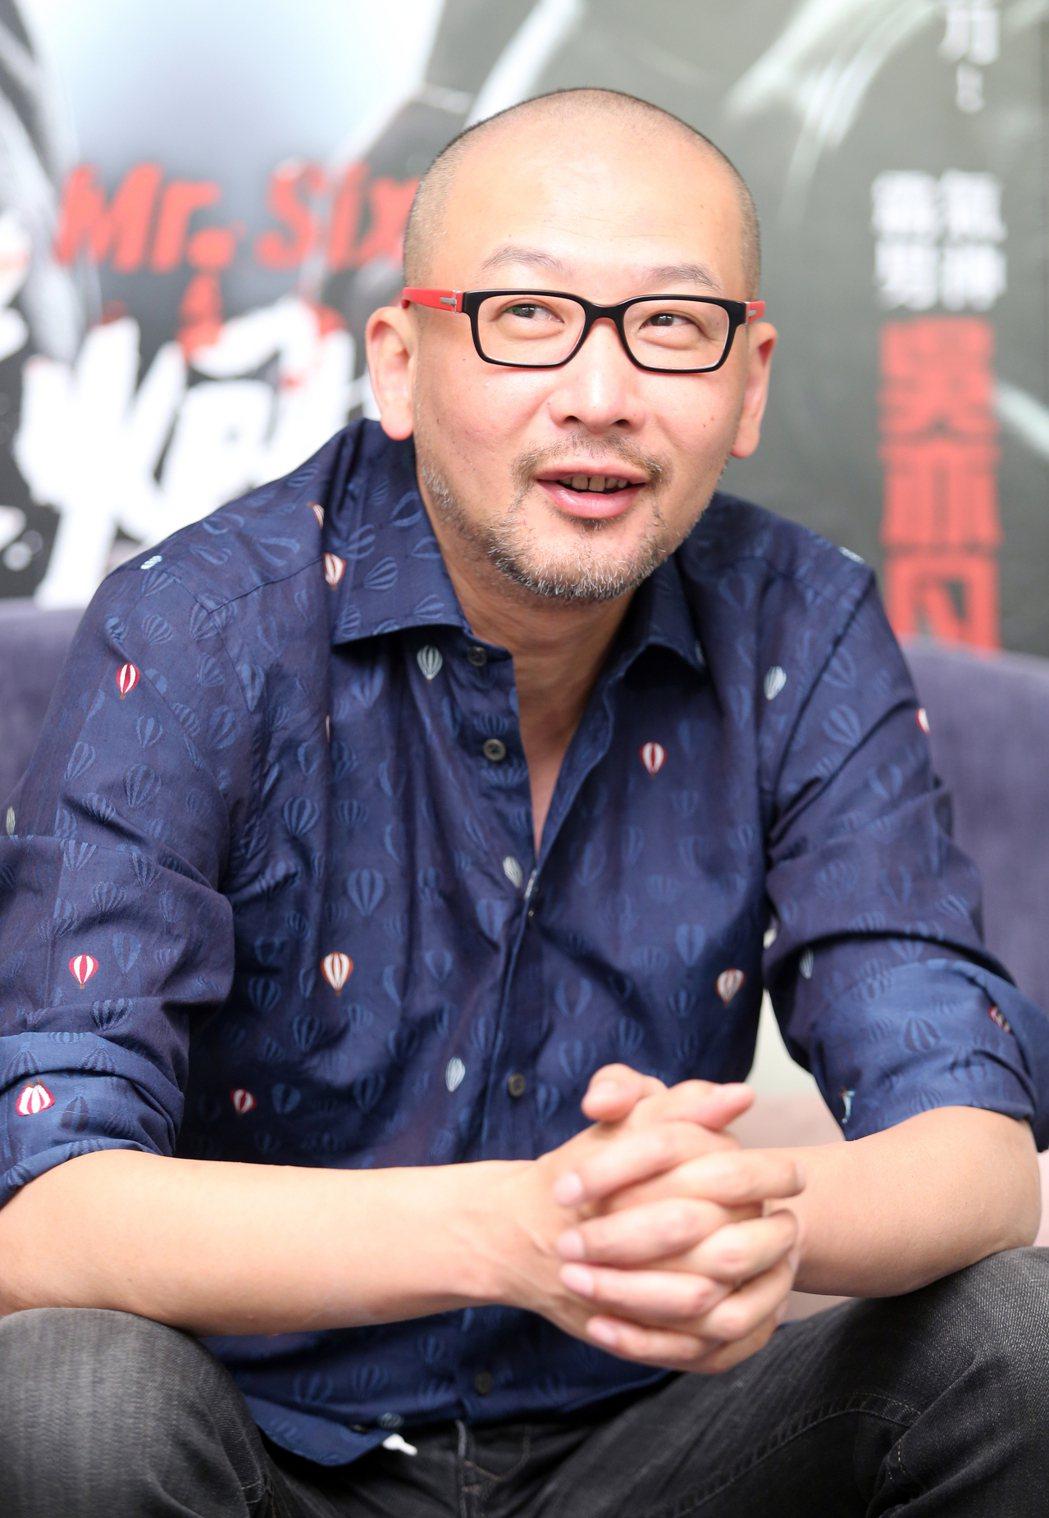 專訪中國大陸電影「老砲兒」導演管虎,暢談與主角馮小剛等人的精采對戲過程。記者許正...